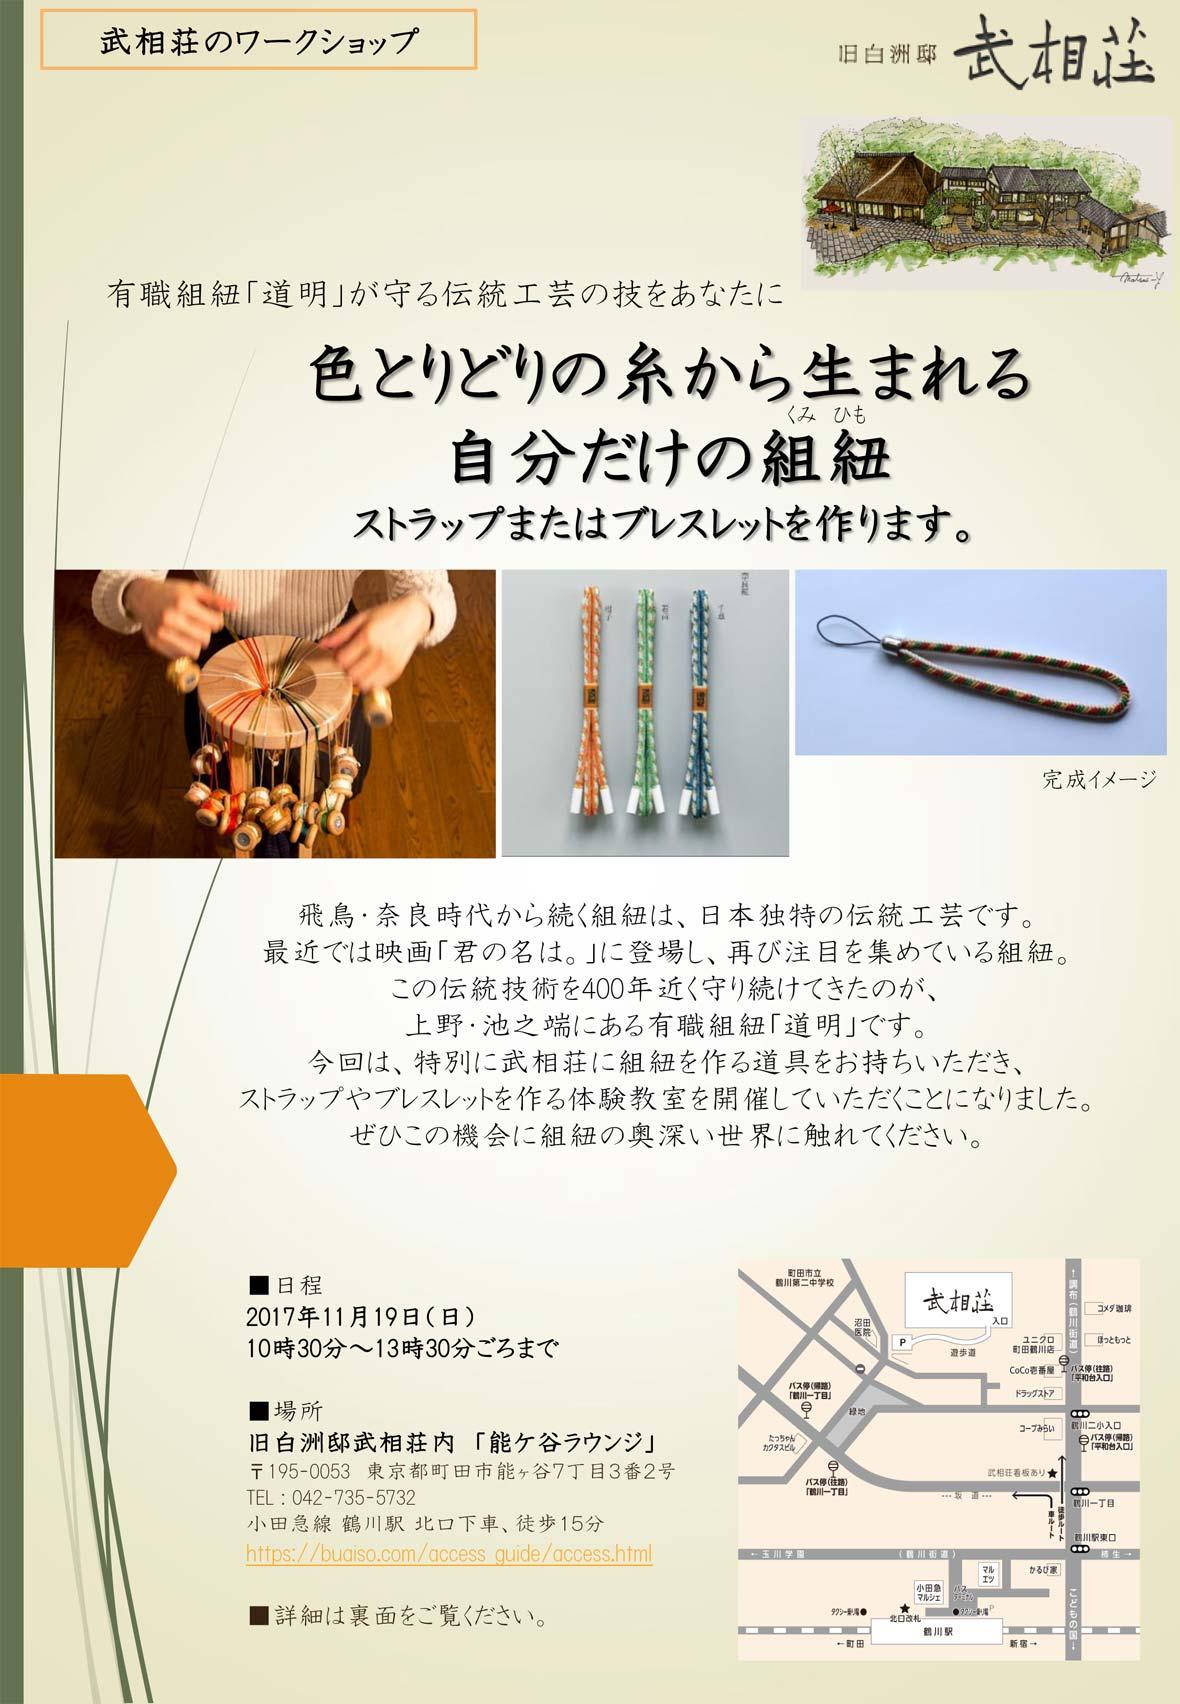 有職組紐「道明」武相荘のワークショップ 2017